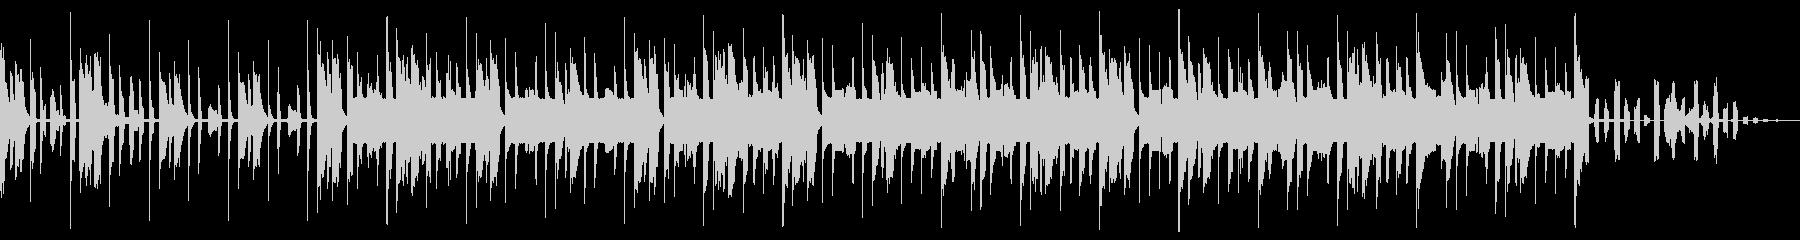 アーバンクールエレクトロニカの未再生の波形